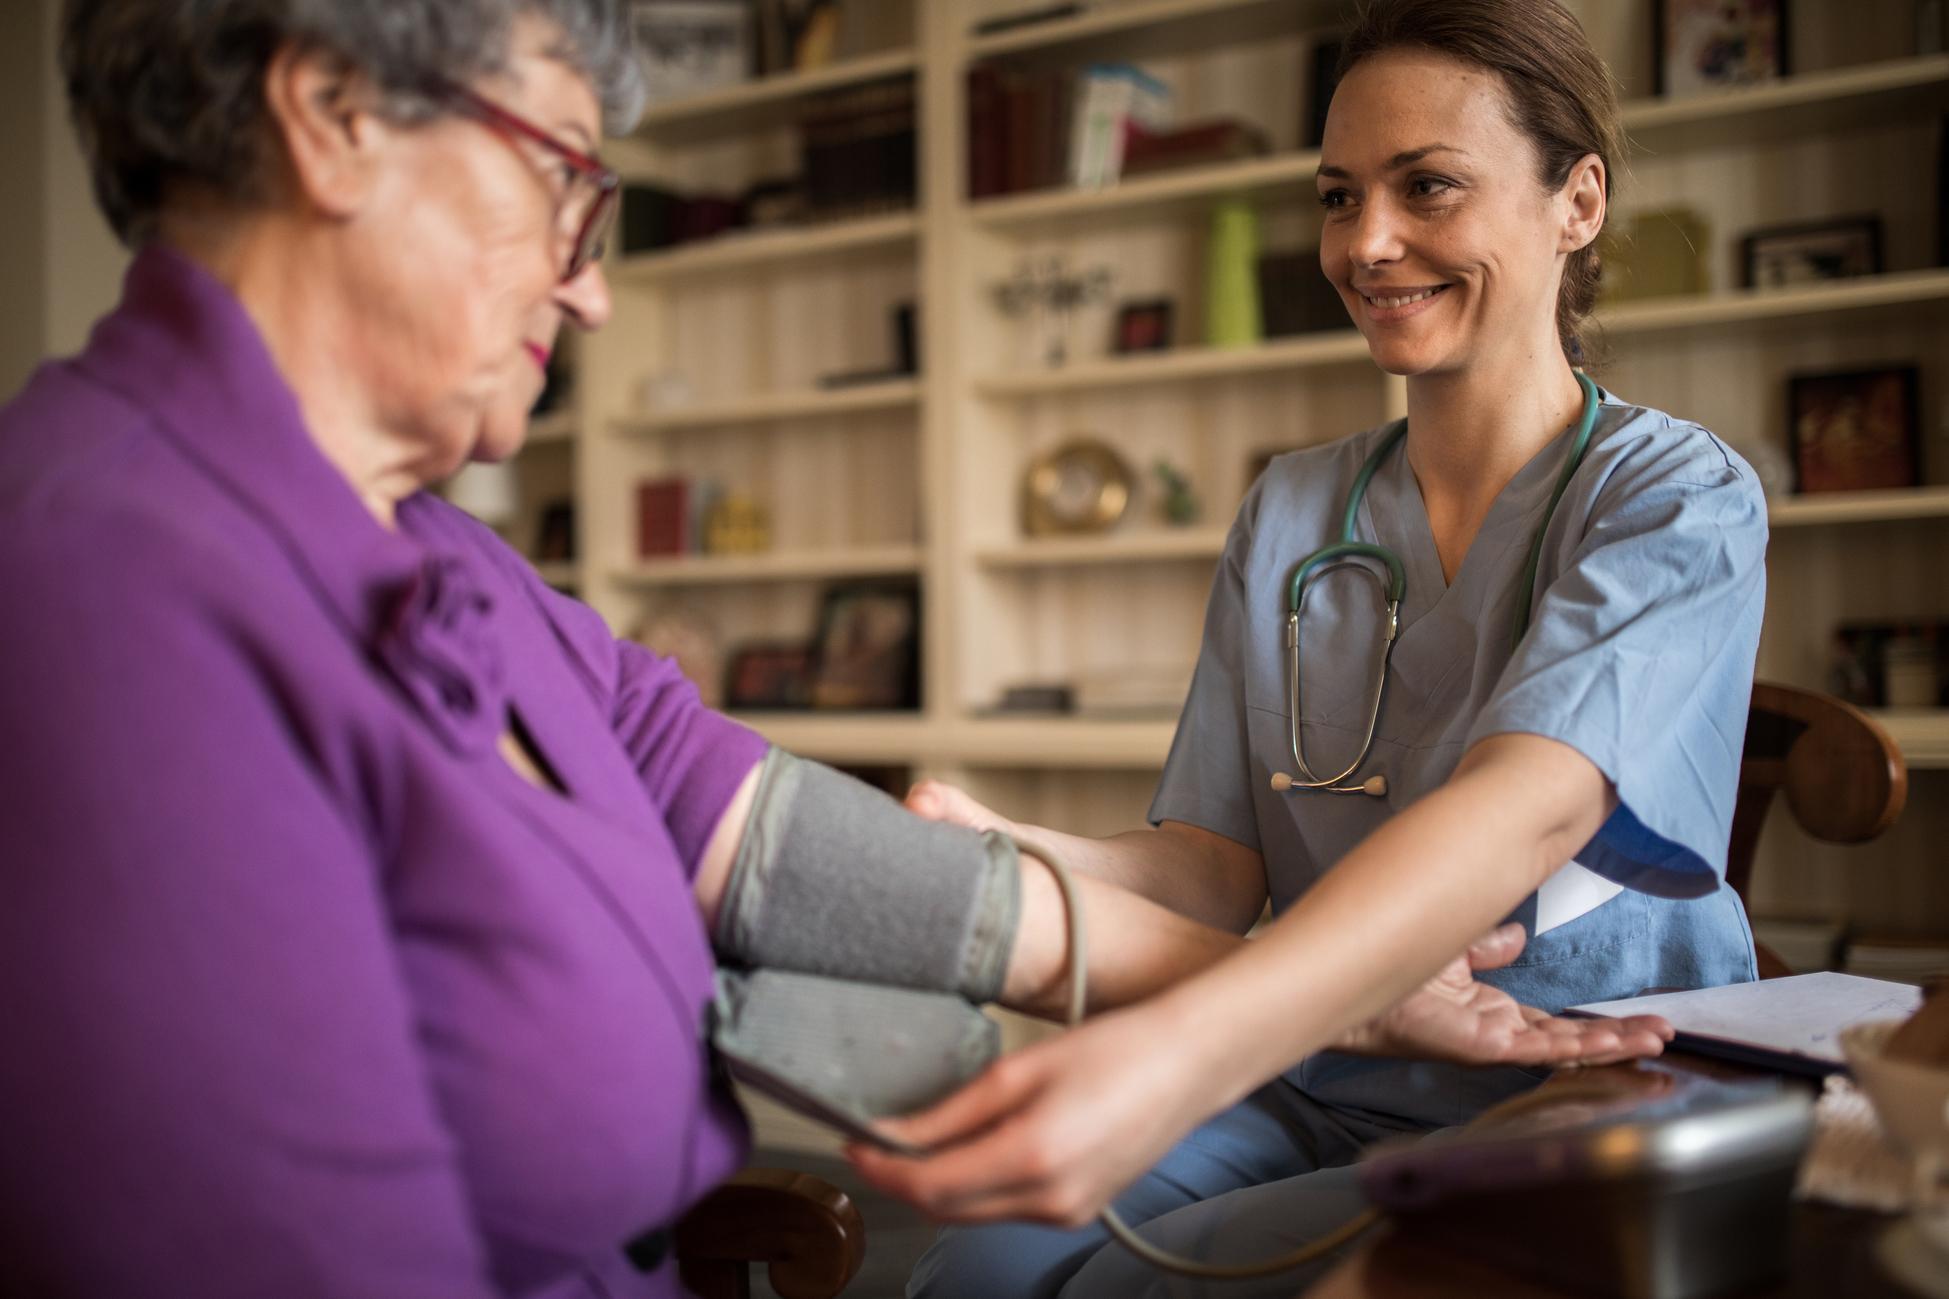 Home care mileage reimbursement